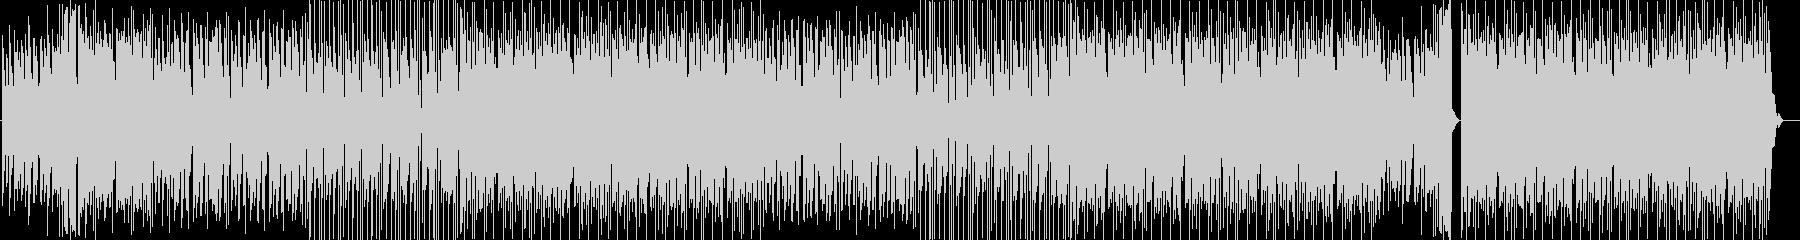 ヒップホップ/オーケストラ/動画用/#2の未再生の波形